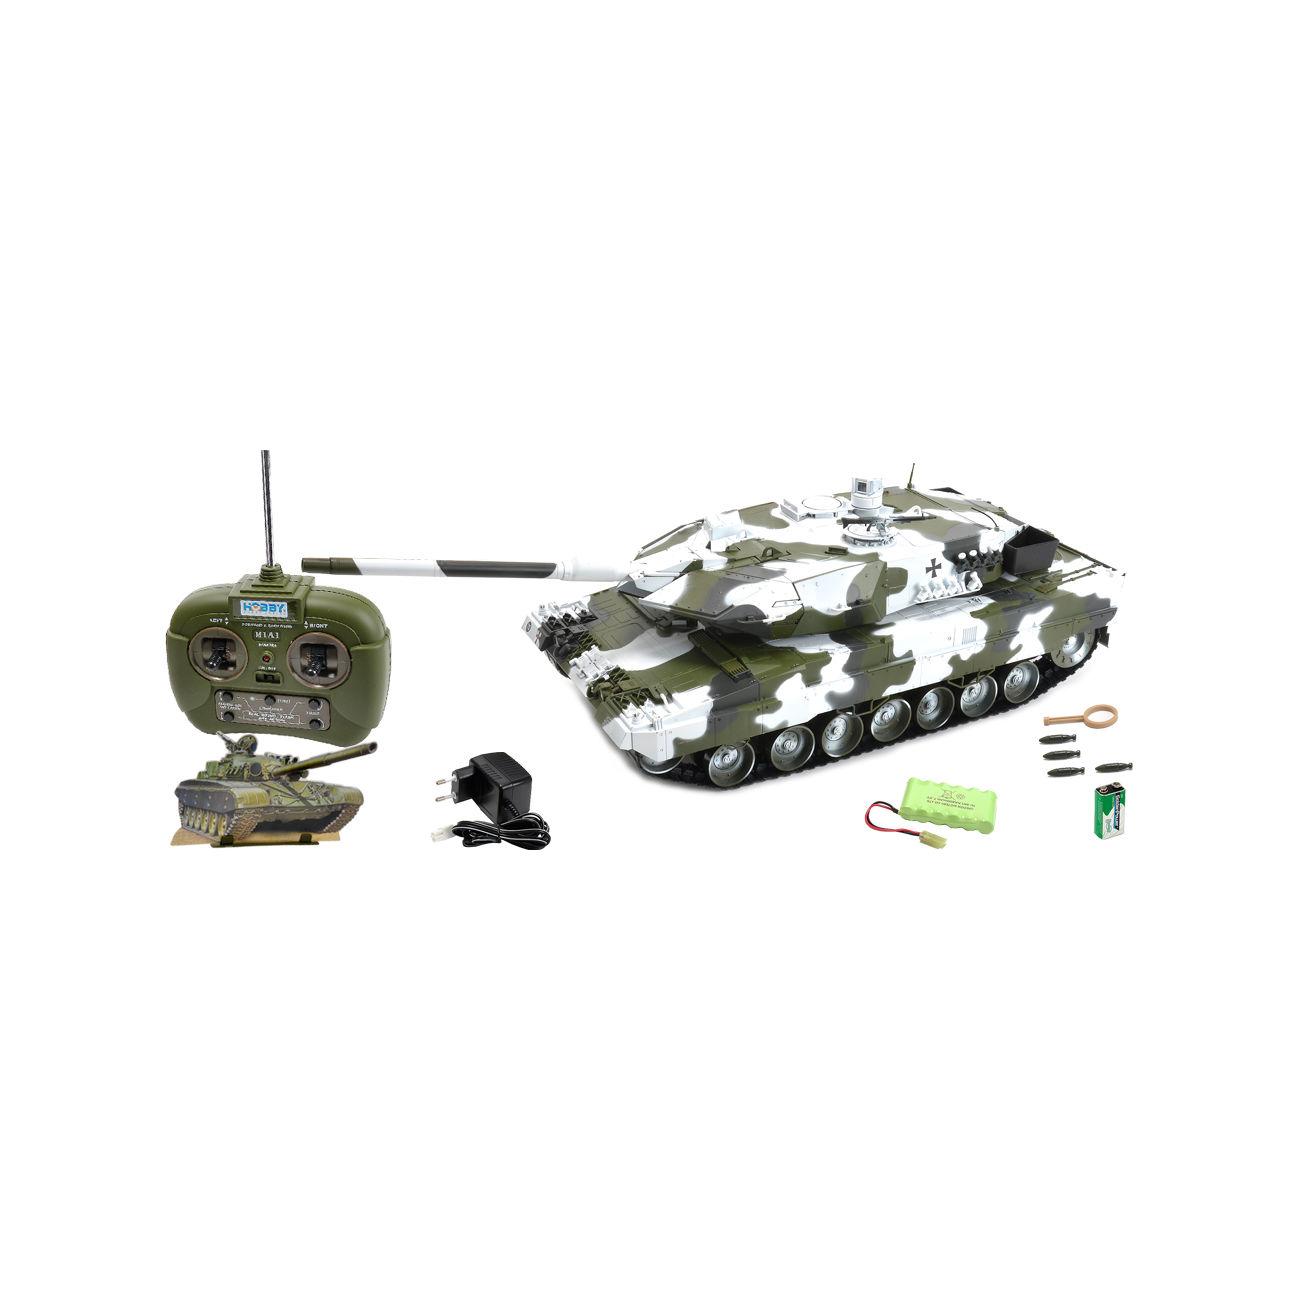 carson rc panzer leopard 2a6 mit 4 raketen schneetarn 1 16. Black Bedroom Furniture Sets. Home Design Ideas